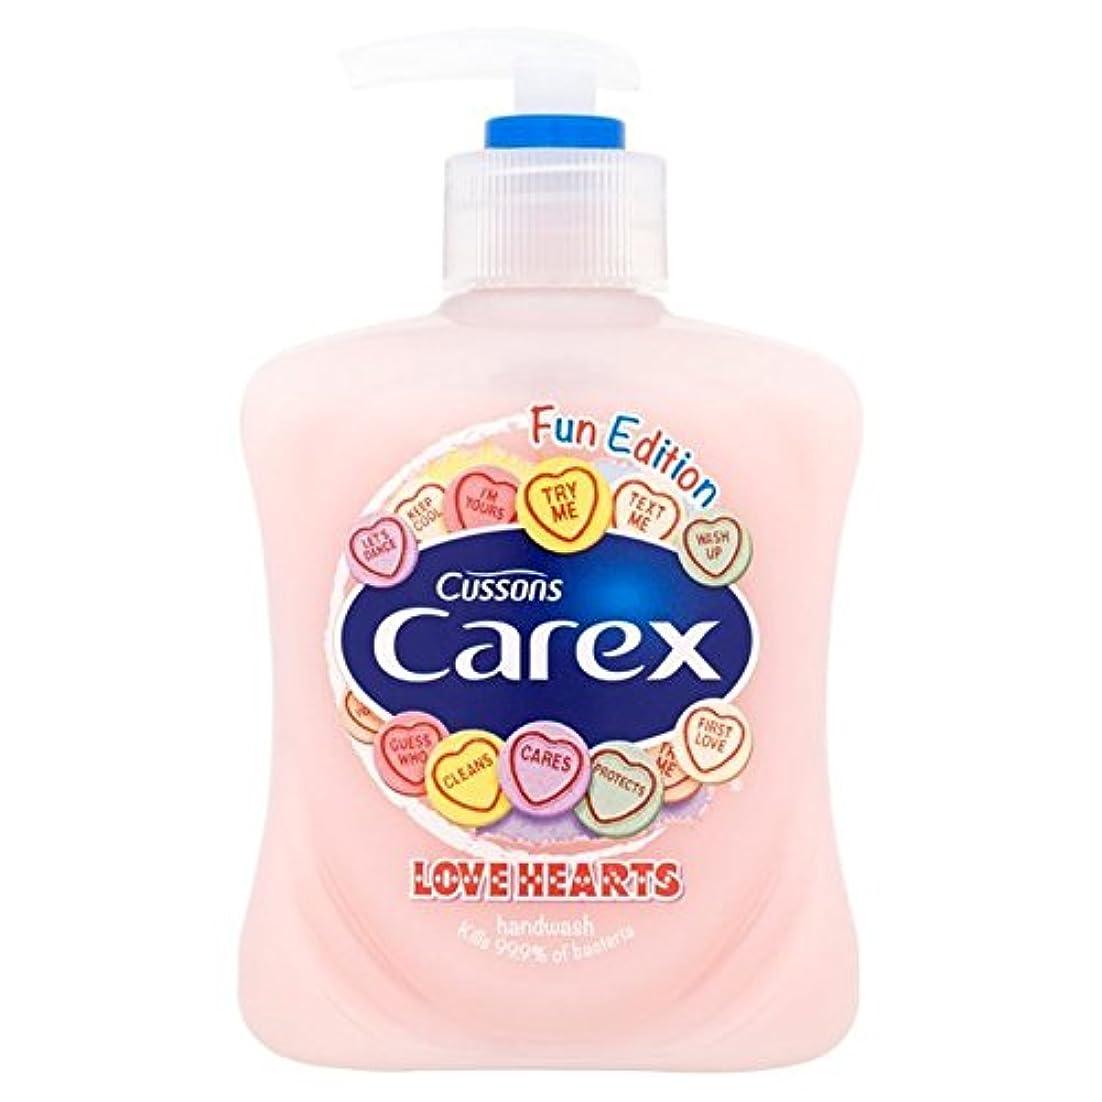 ビーム洗練刑務所スゲ楽しい版愛の心のハンドウォッシュ250ミリリットル x4 - Carex Fun Edition Love Hearts Hand Wash 250ml (Pack of 4) [並行輸入品]